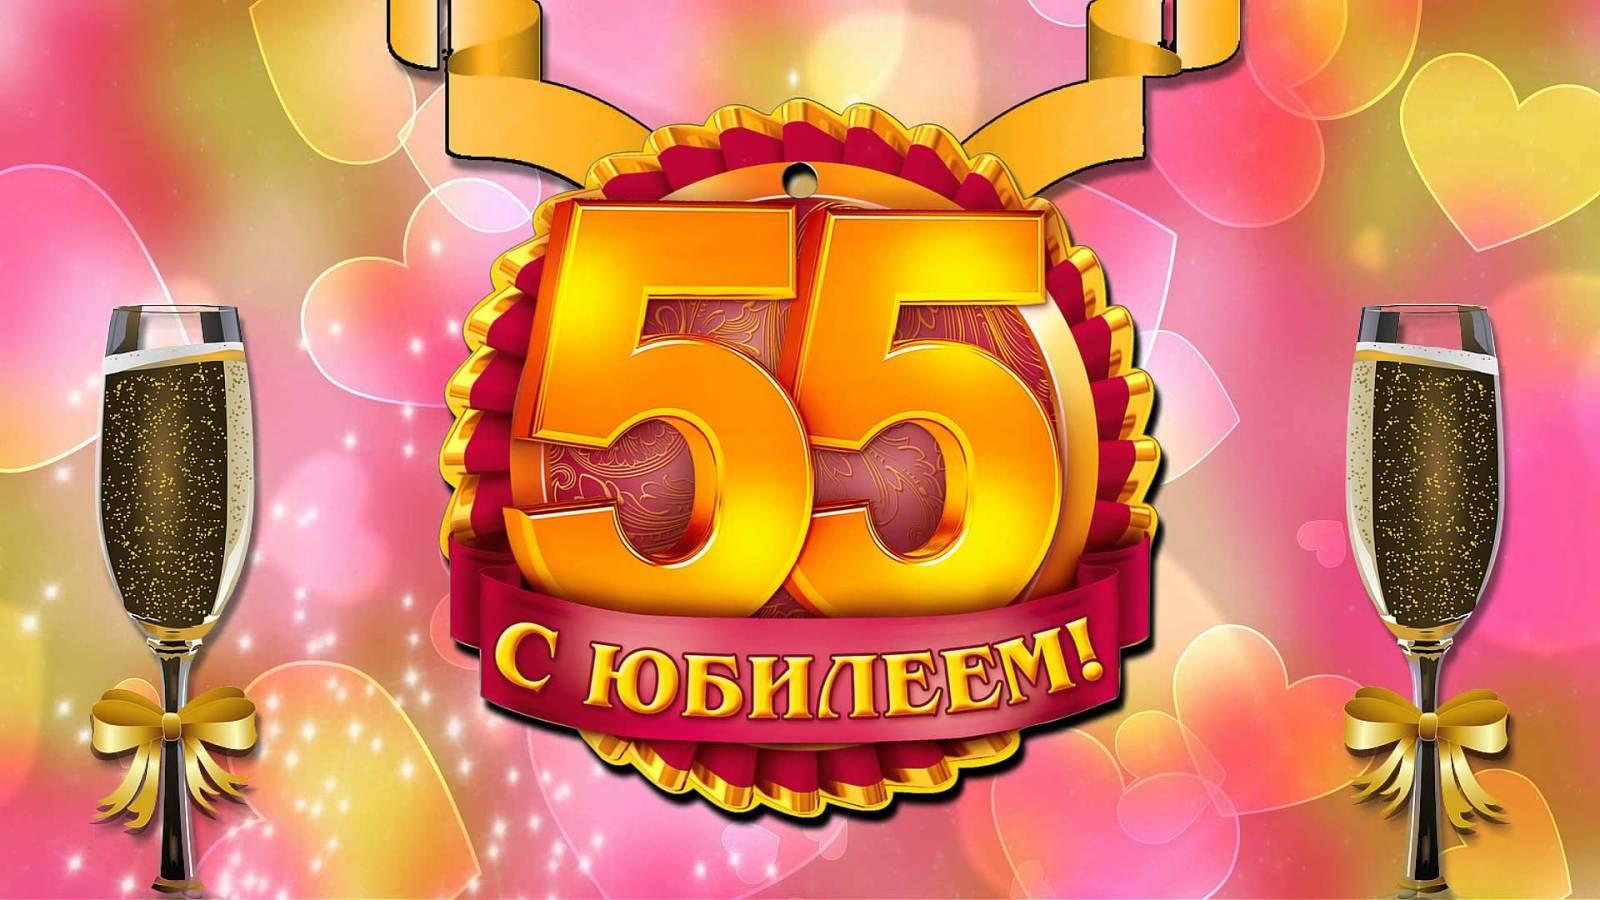 Поздравления с днем рождения на 55 летие мужчине